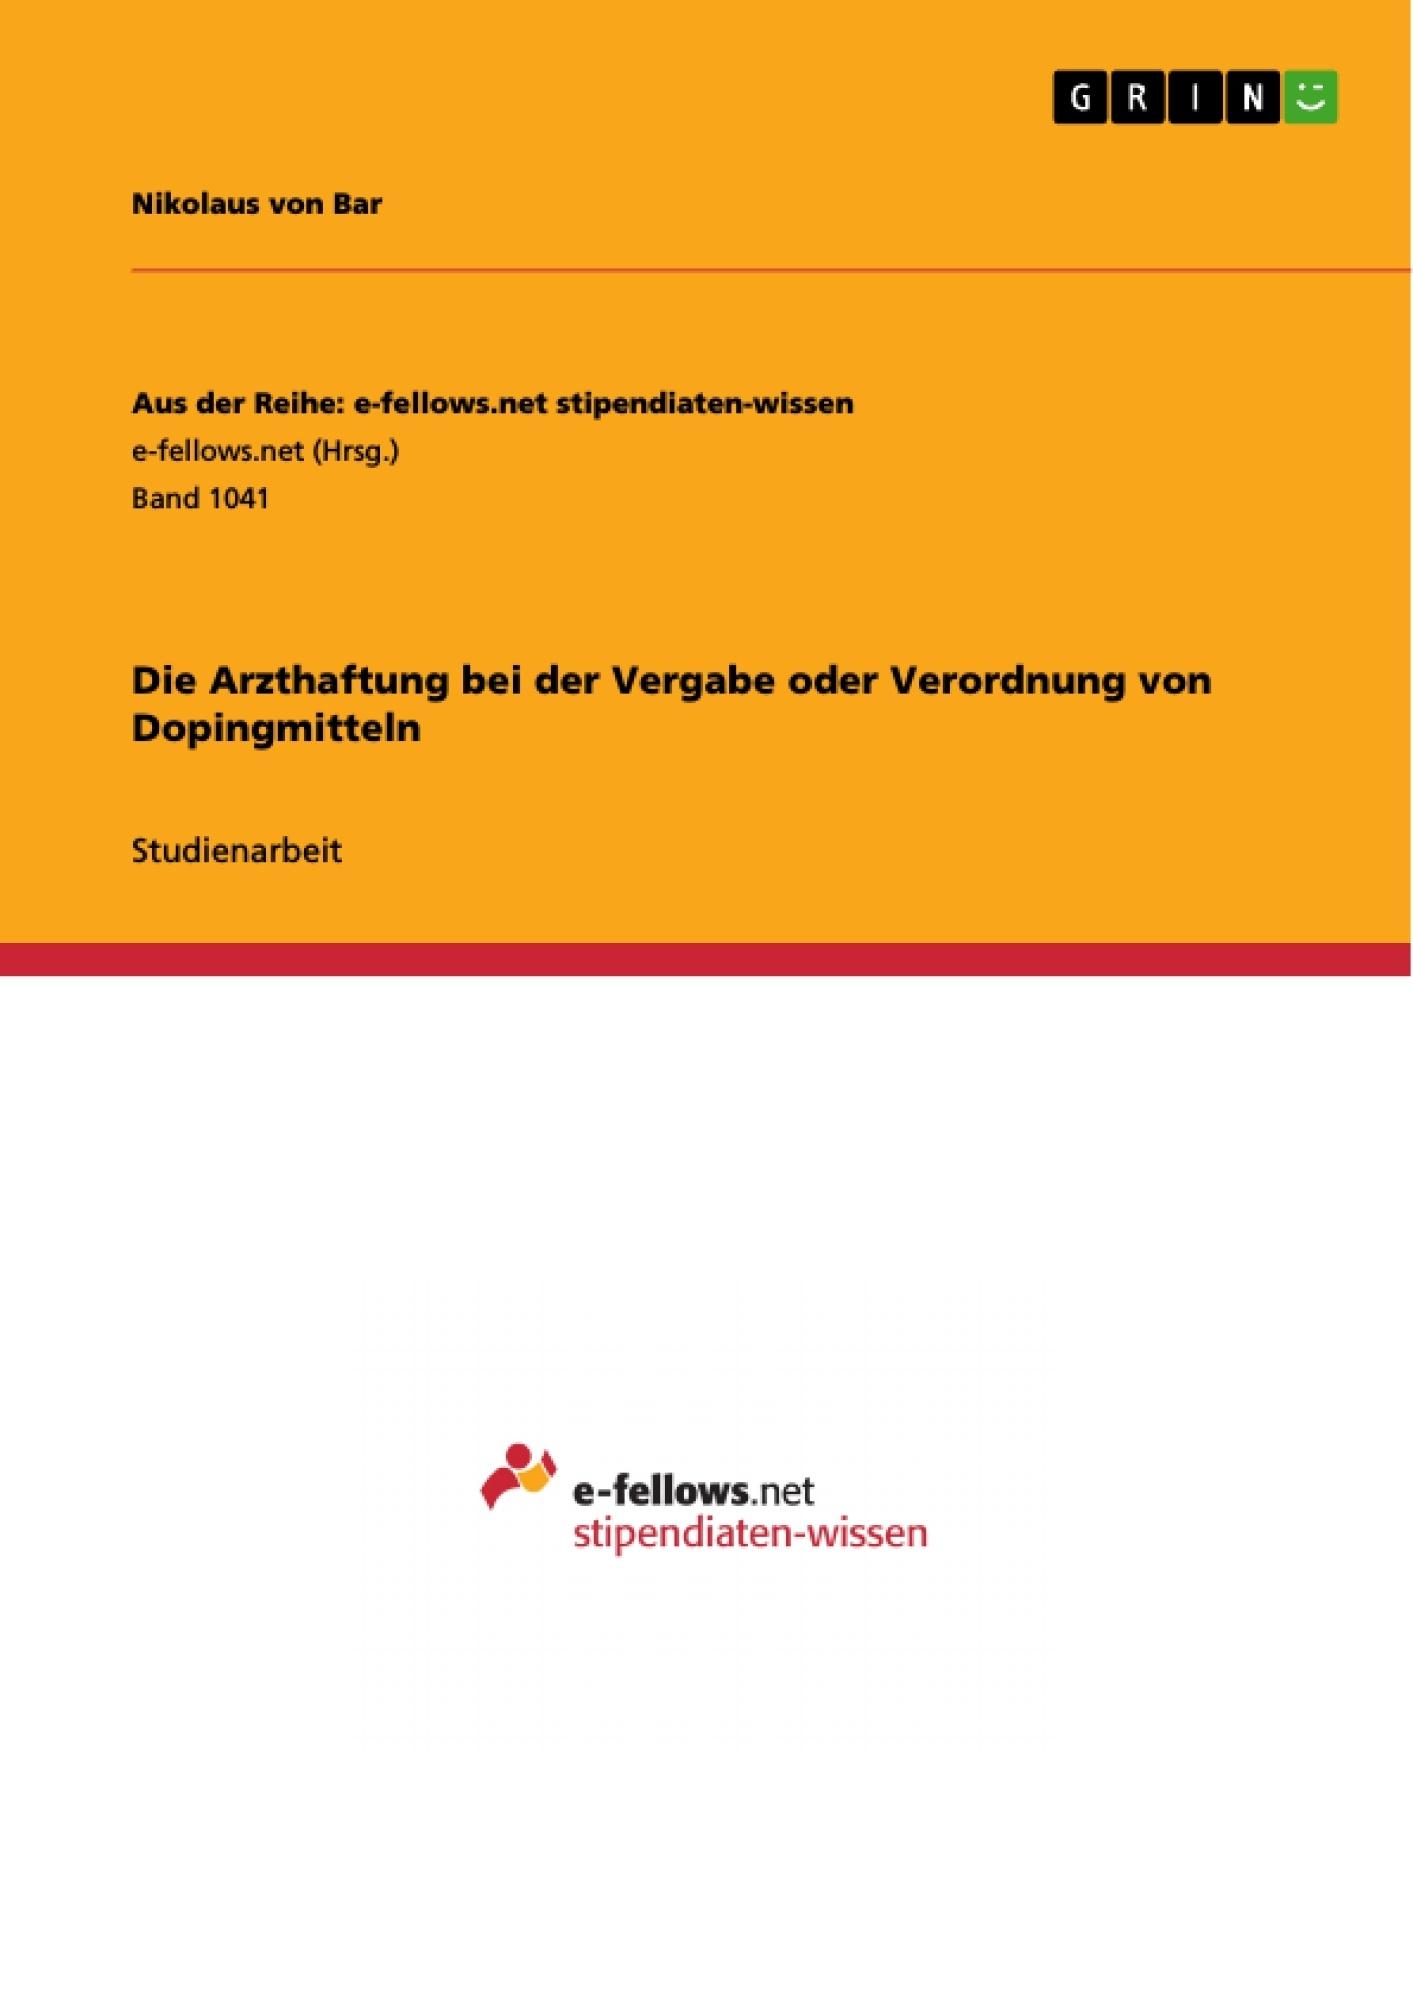 Titel: Die Arzthaftung bei der Vergabe oder Verordnung von Dopingmitteln